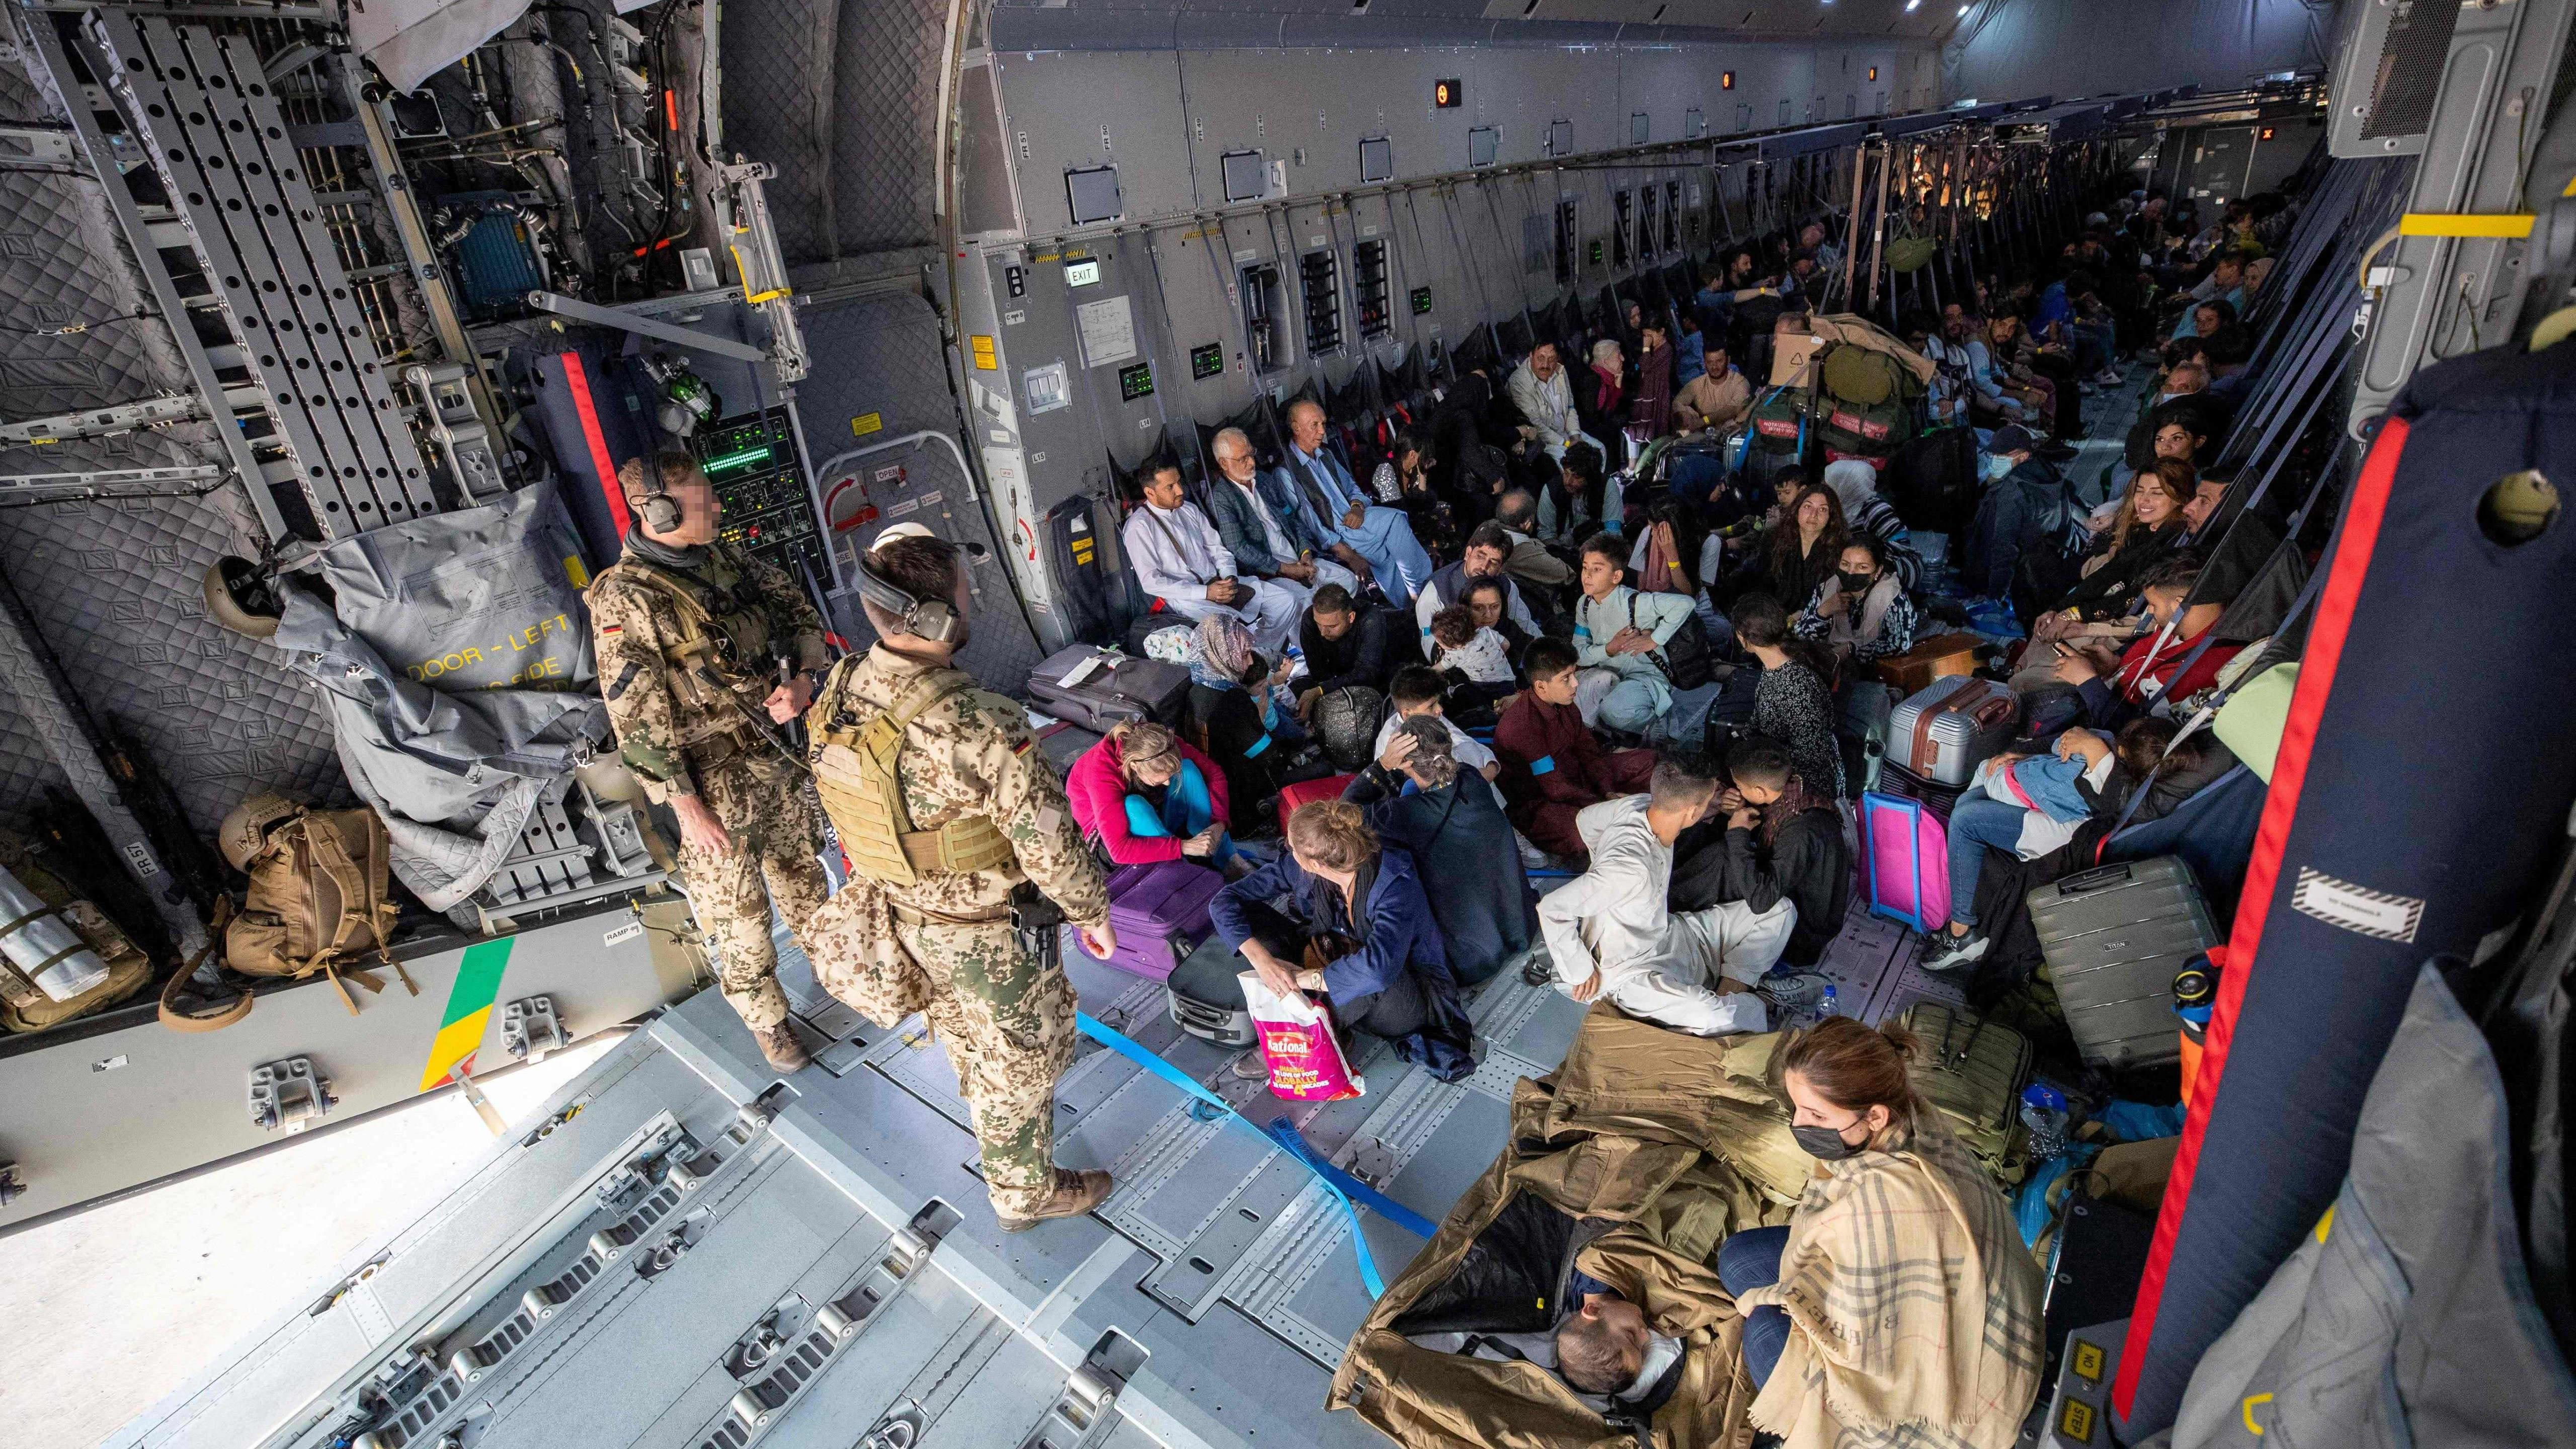 Afganistanilaiset pakolaiset evakuoitavana Saksan ilmavoimien lennolla kohti Uzbekistania.